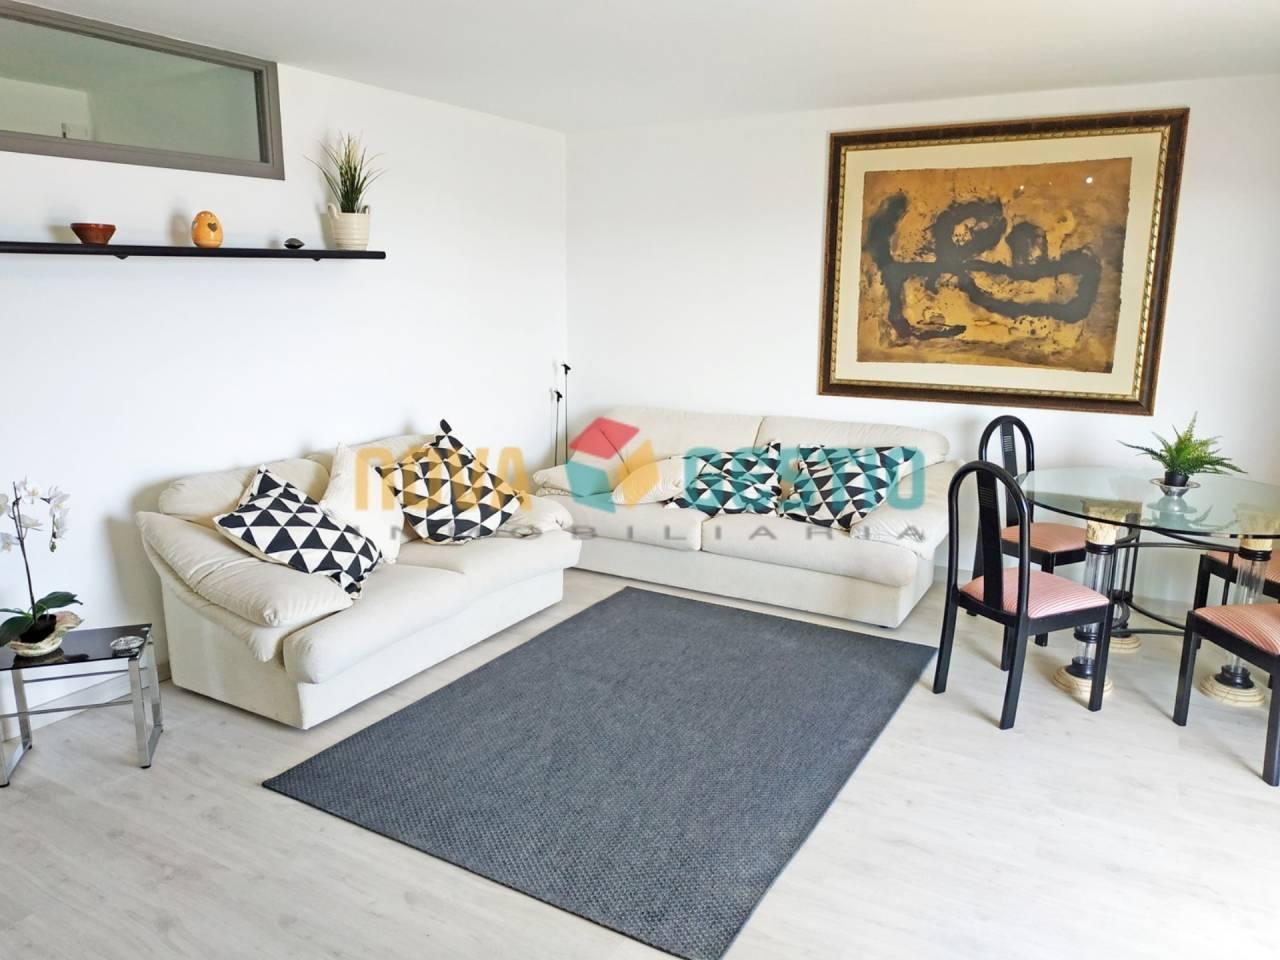 Rental Flat  Porto cristo. ¡disponibilidad inmediata (solo alquiler de larga duración)! fa